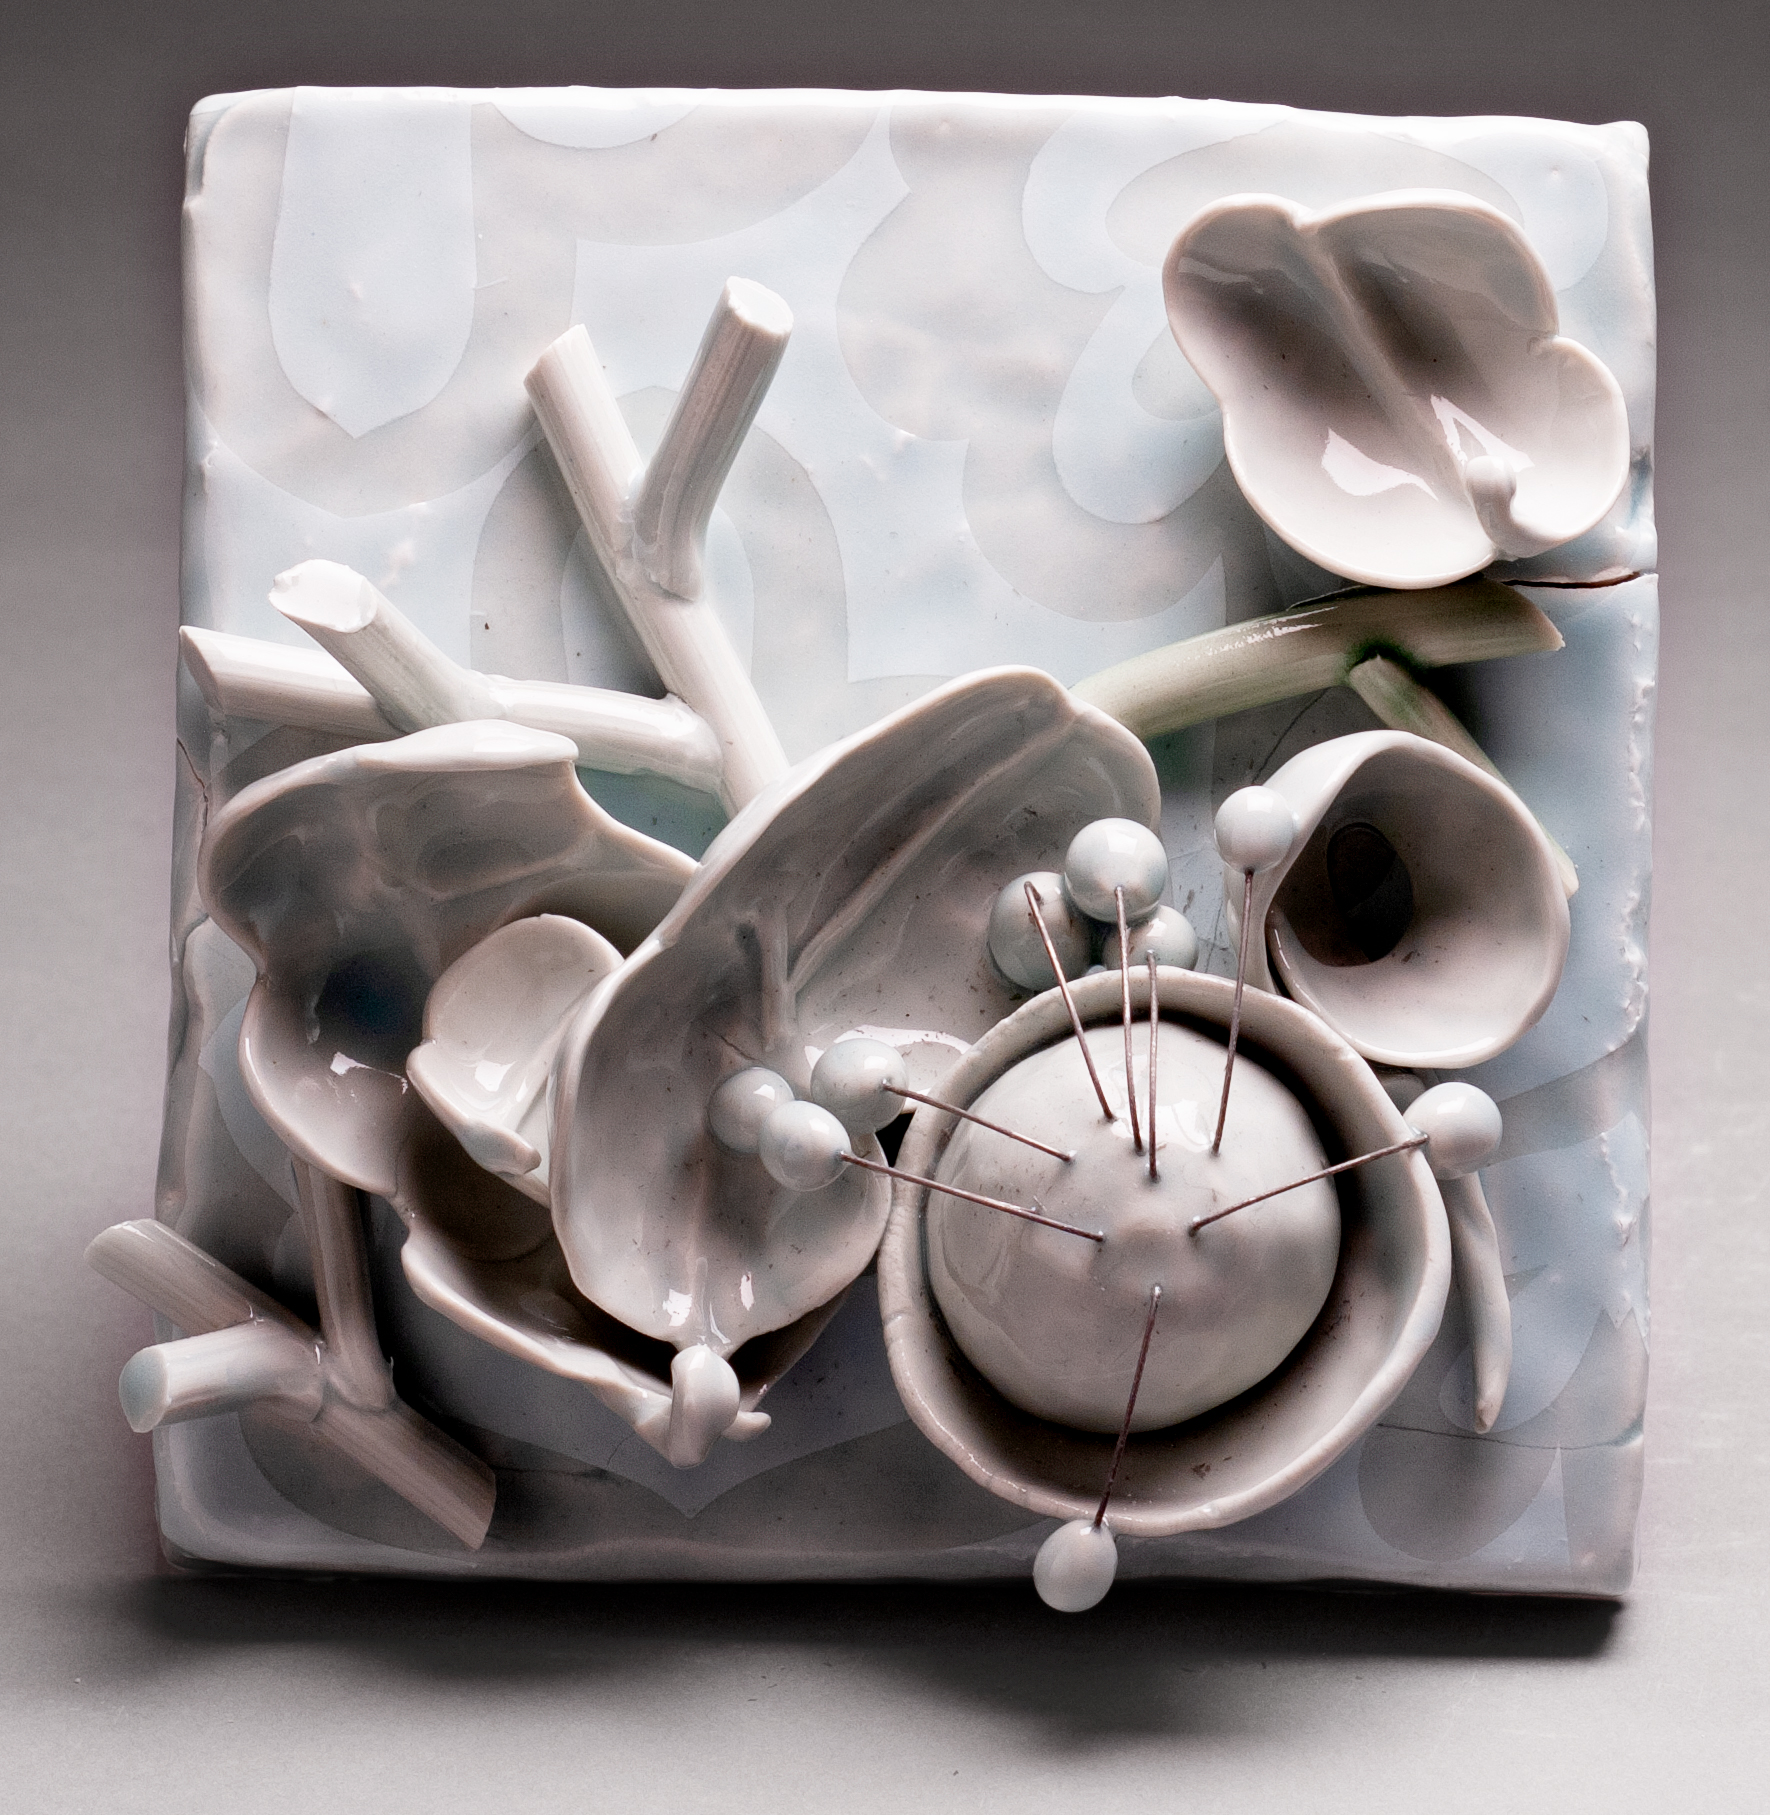 sculpture20b.jpg